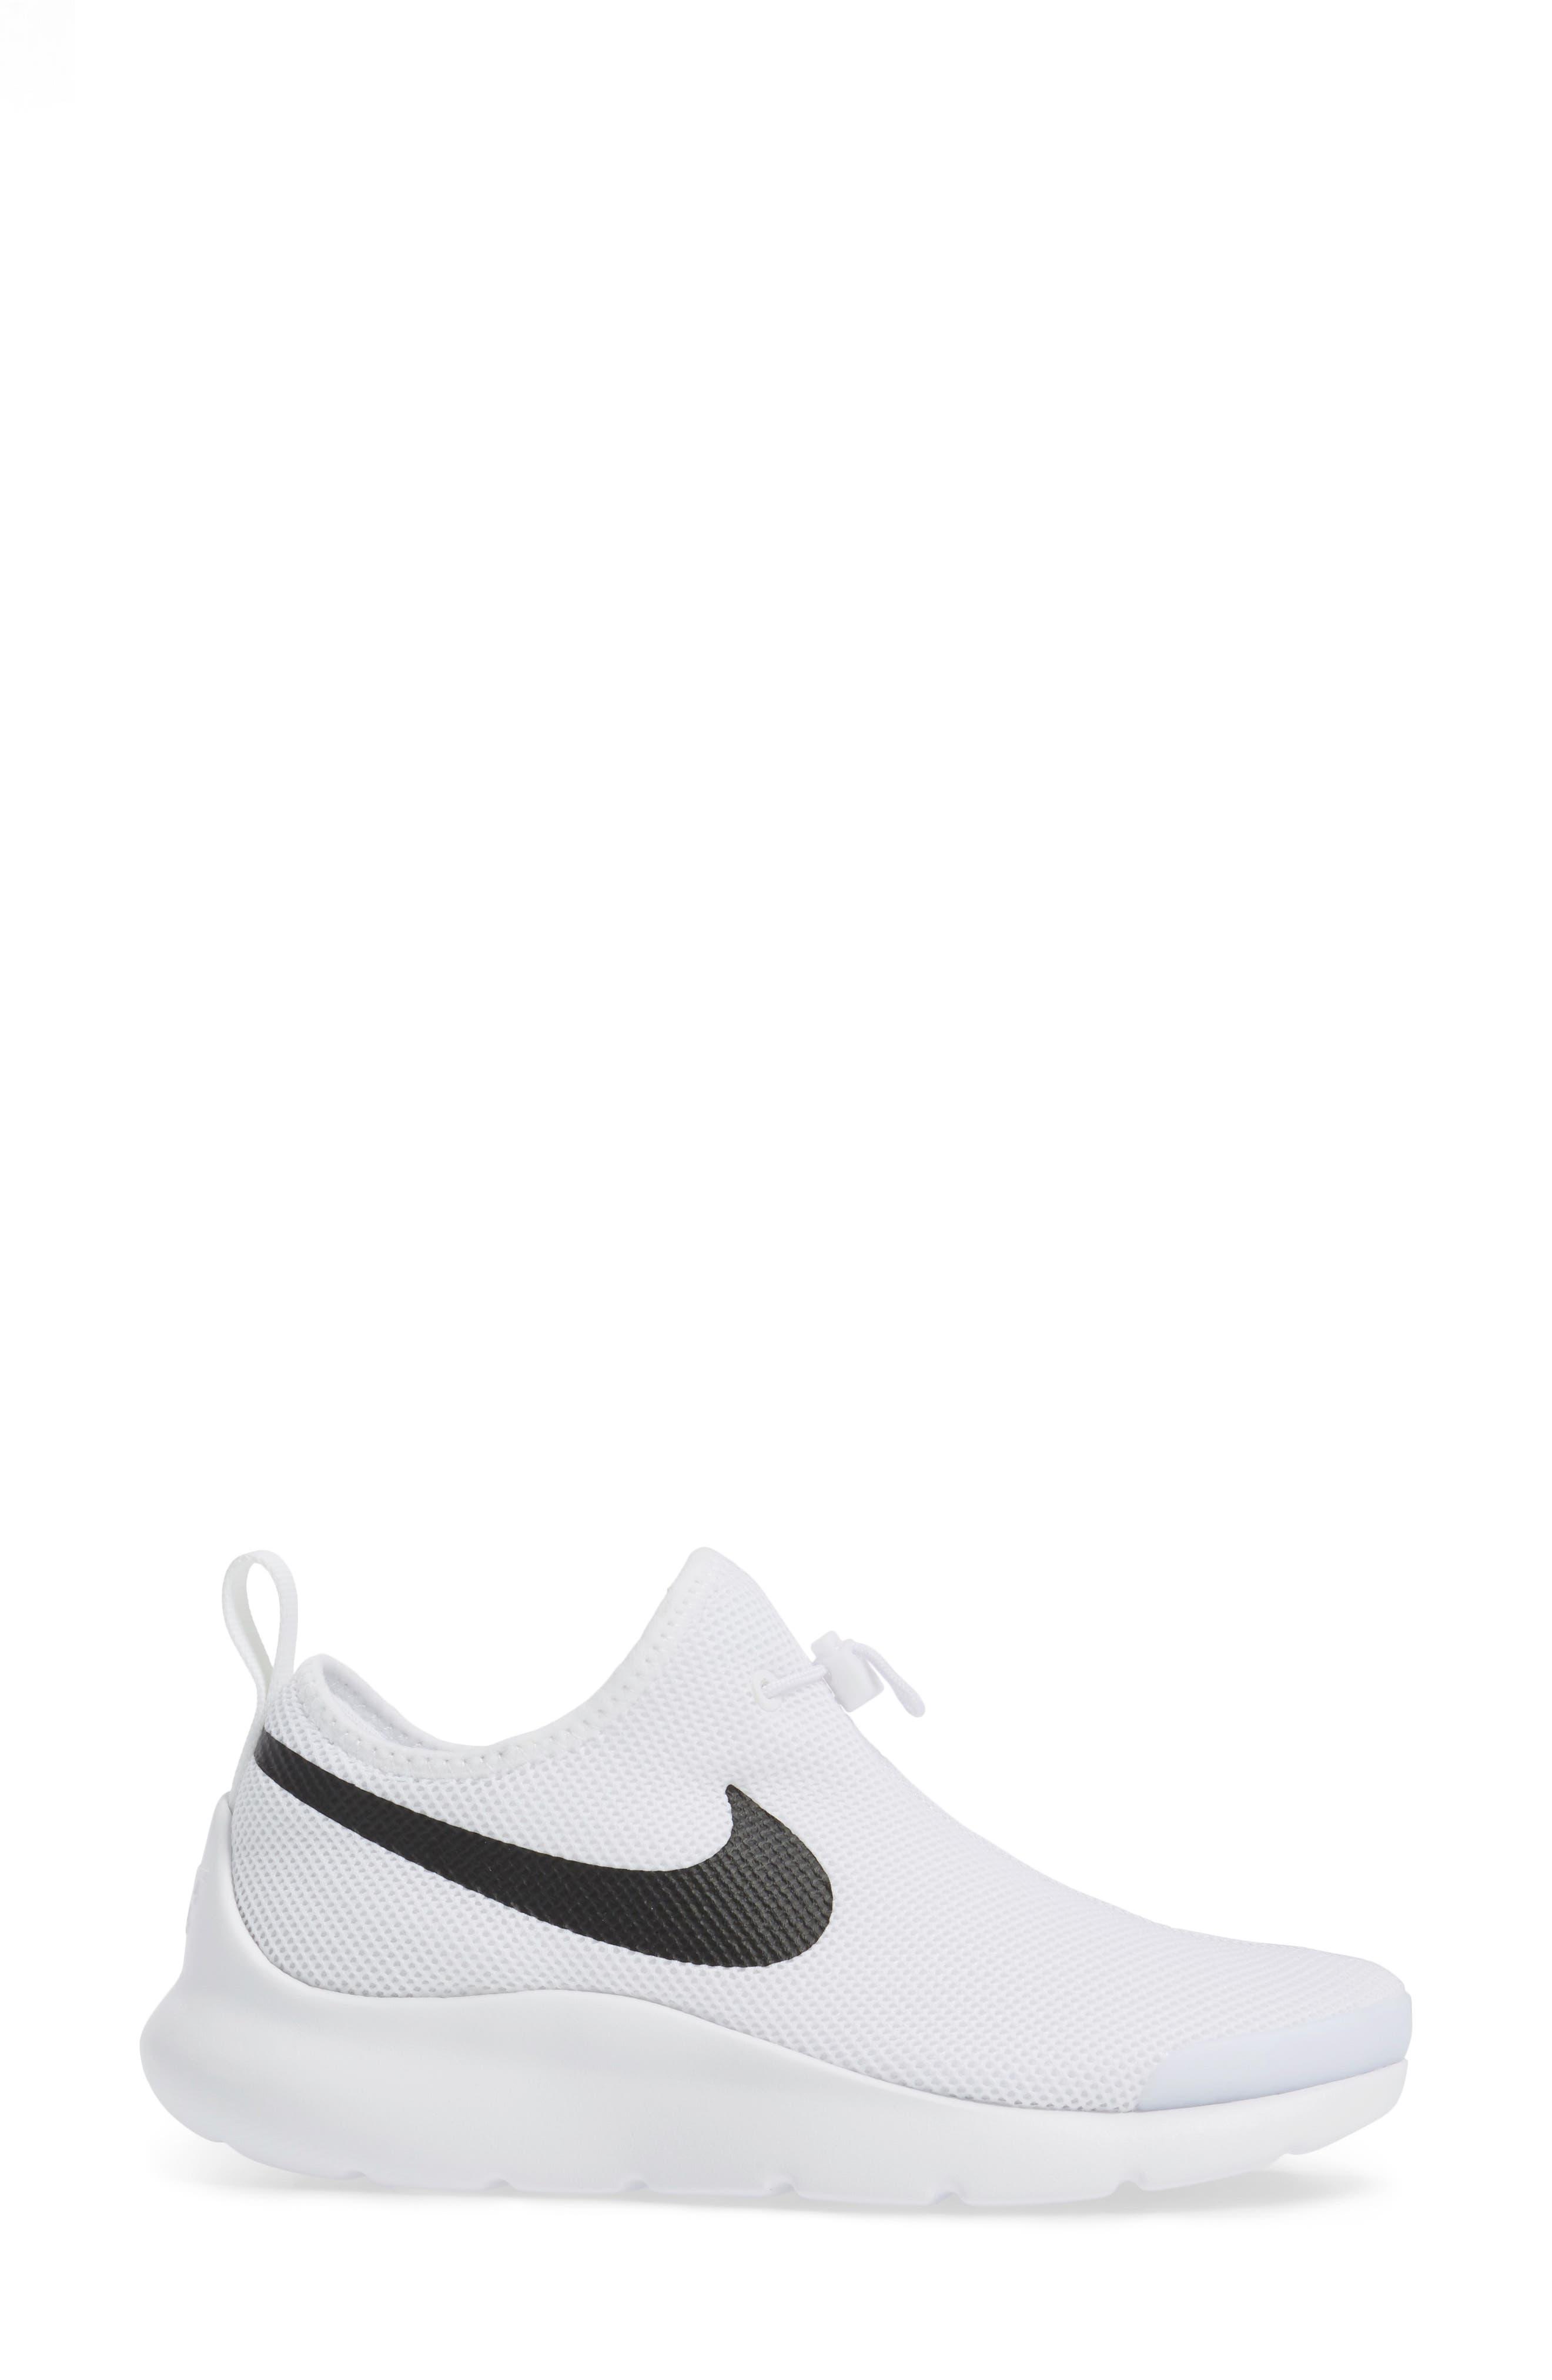 Alternate Image 3  - Nike Aptare Slip-On Mesh Sneaker (Women)